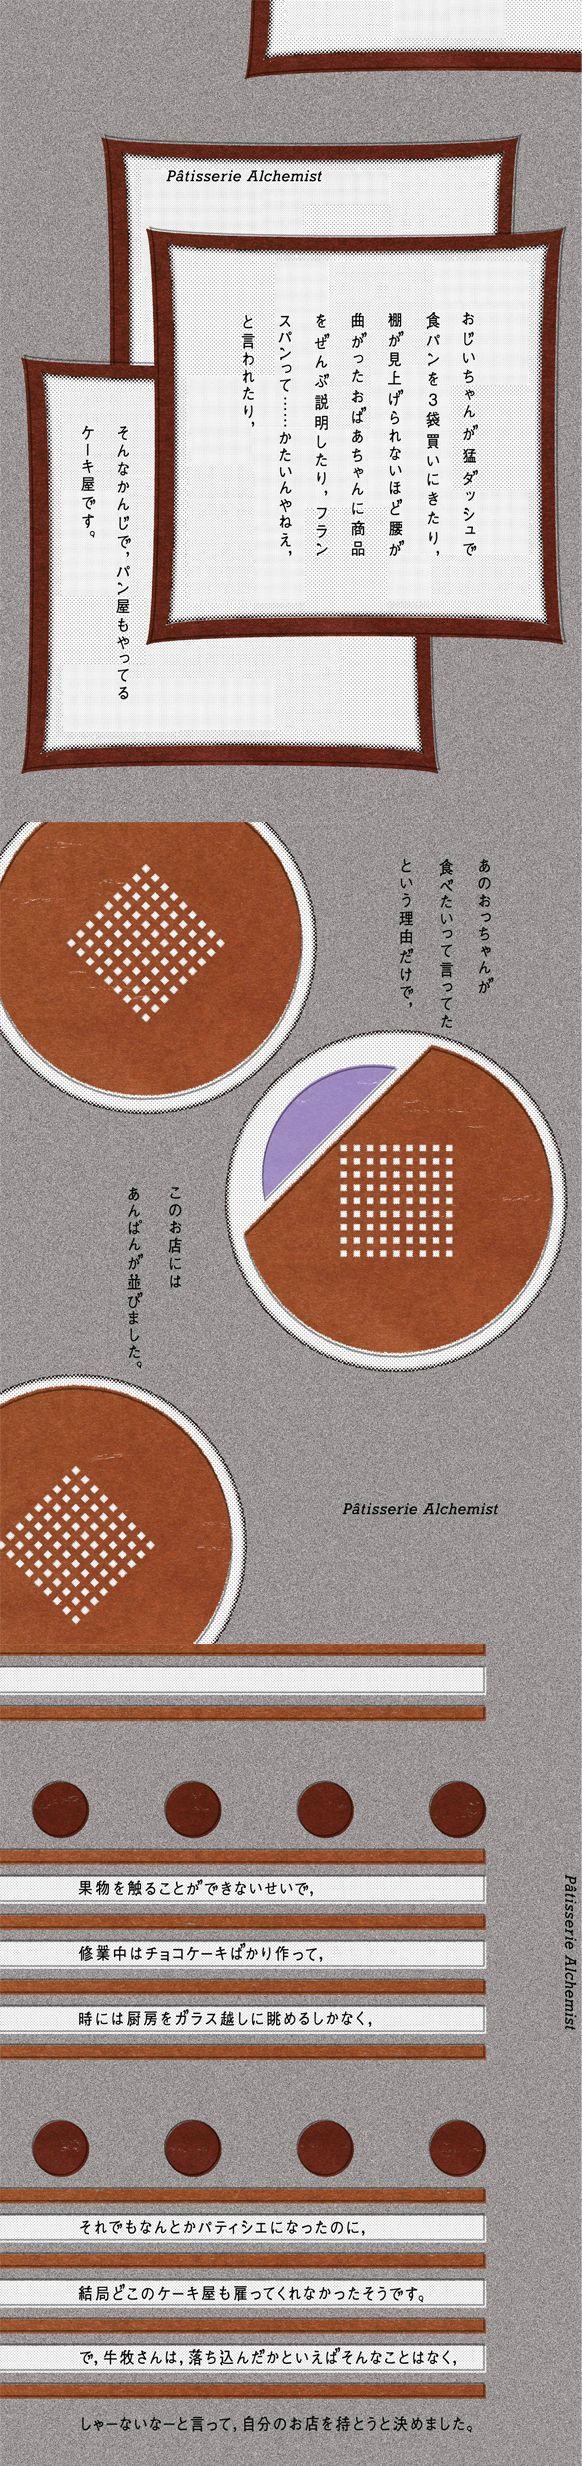 文の里商店街 poster|パティスリー アルケミスト